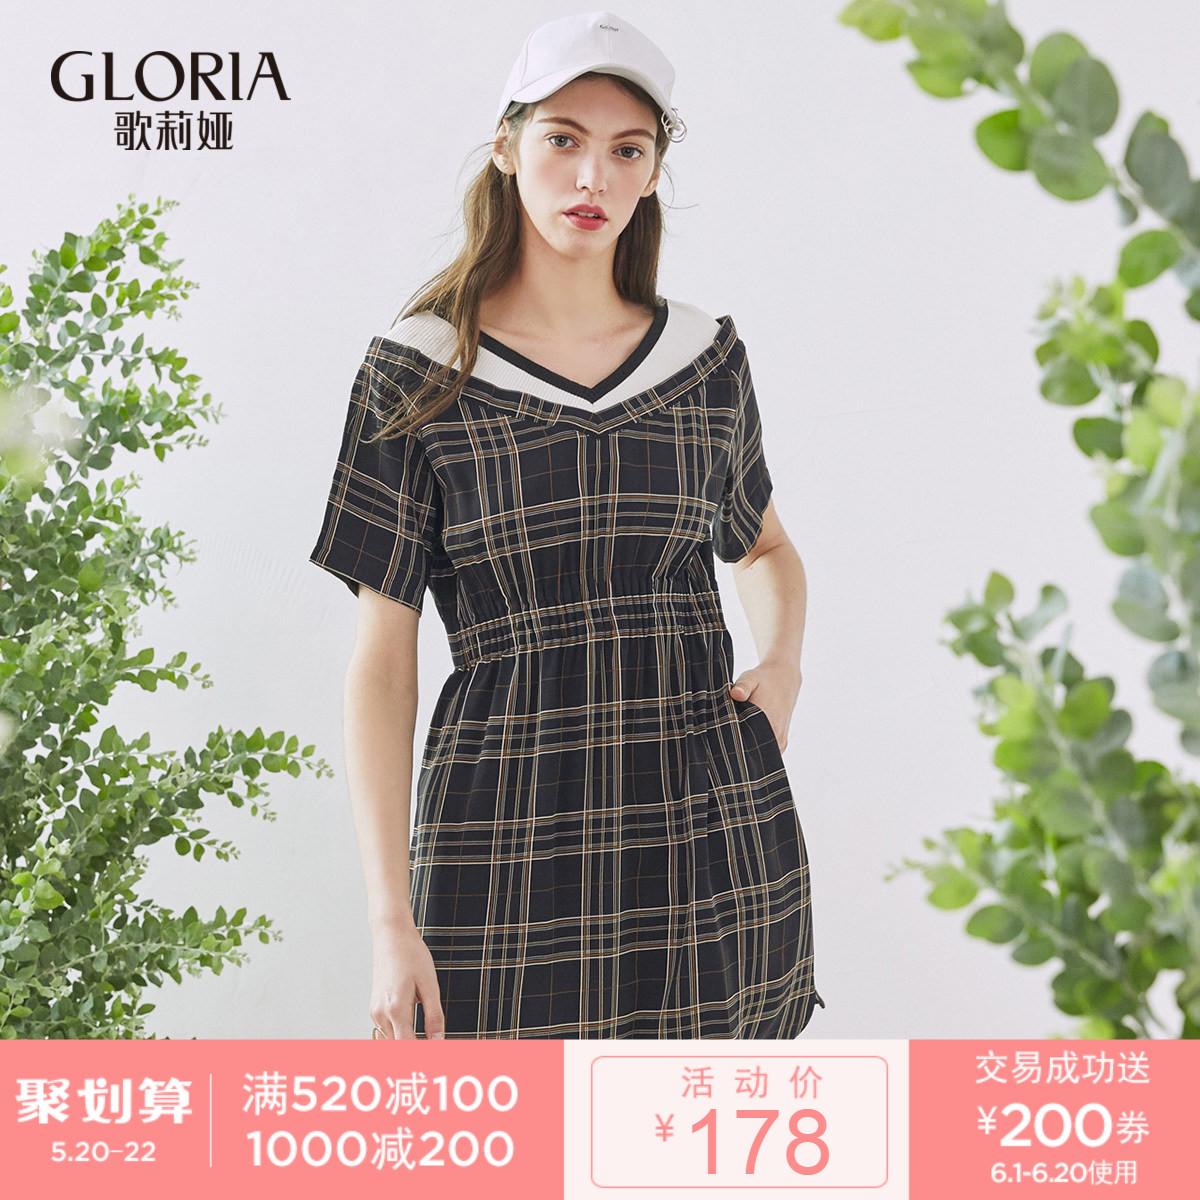 歌莉娅女装 GLORIA歌莉娅新品拼接弹力针织V领收腰A型连衣裙177C4B14A_推荐淘宝好看的歌莉娅